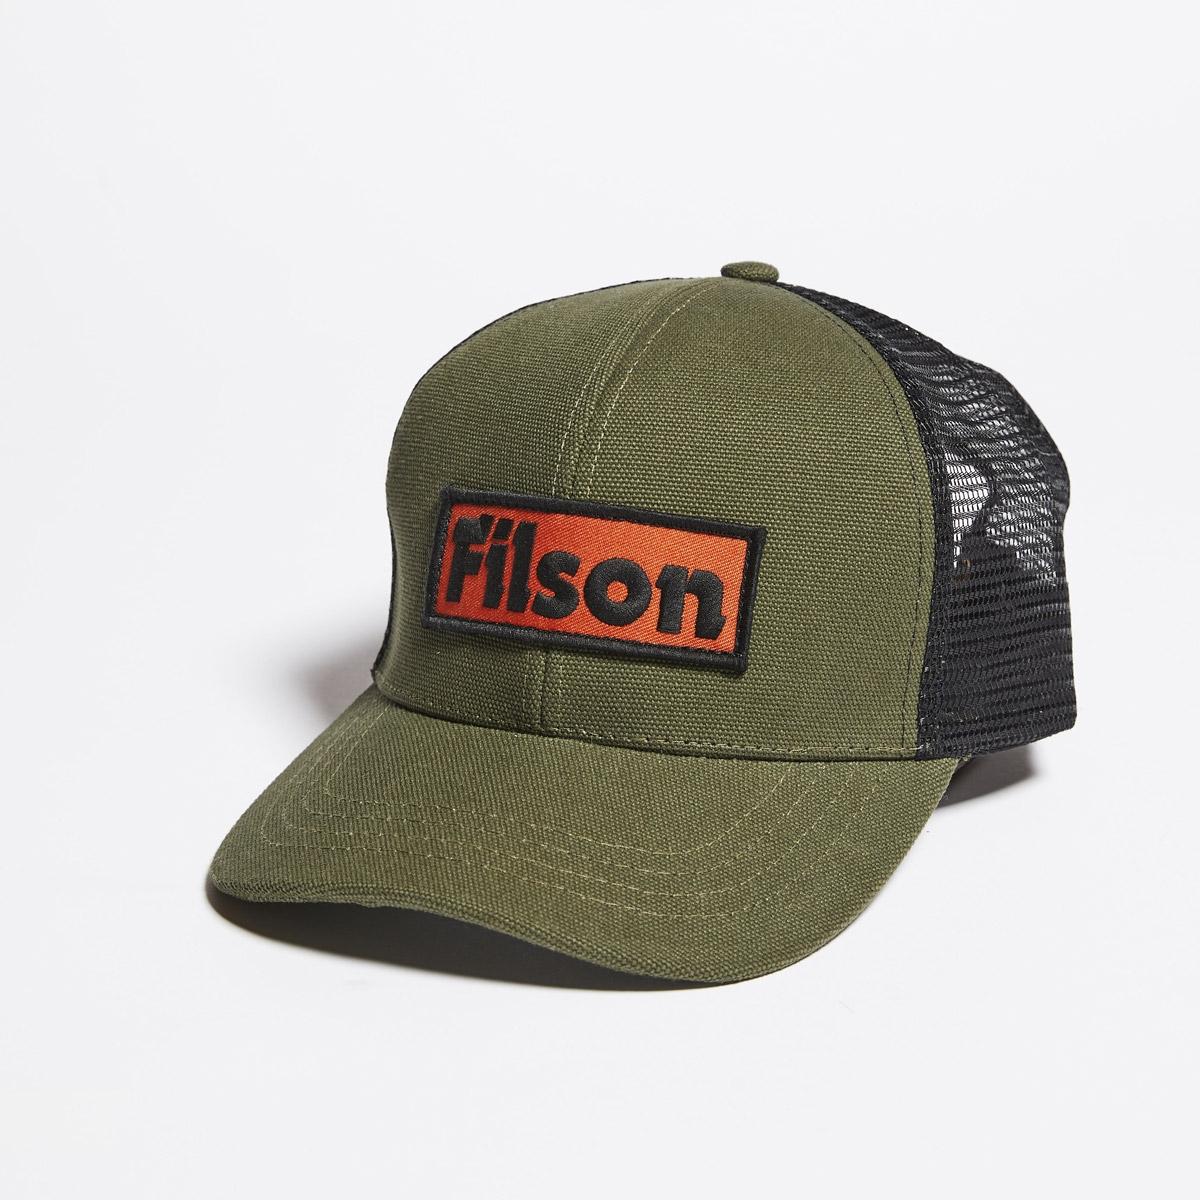 Filson Mesh Logger Cap 20157137-Olive, slijtvaste pet met geborduurd Filson logo patch en mesh-bescherming